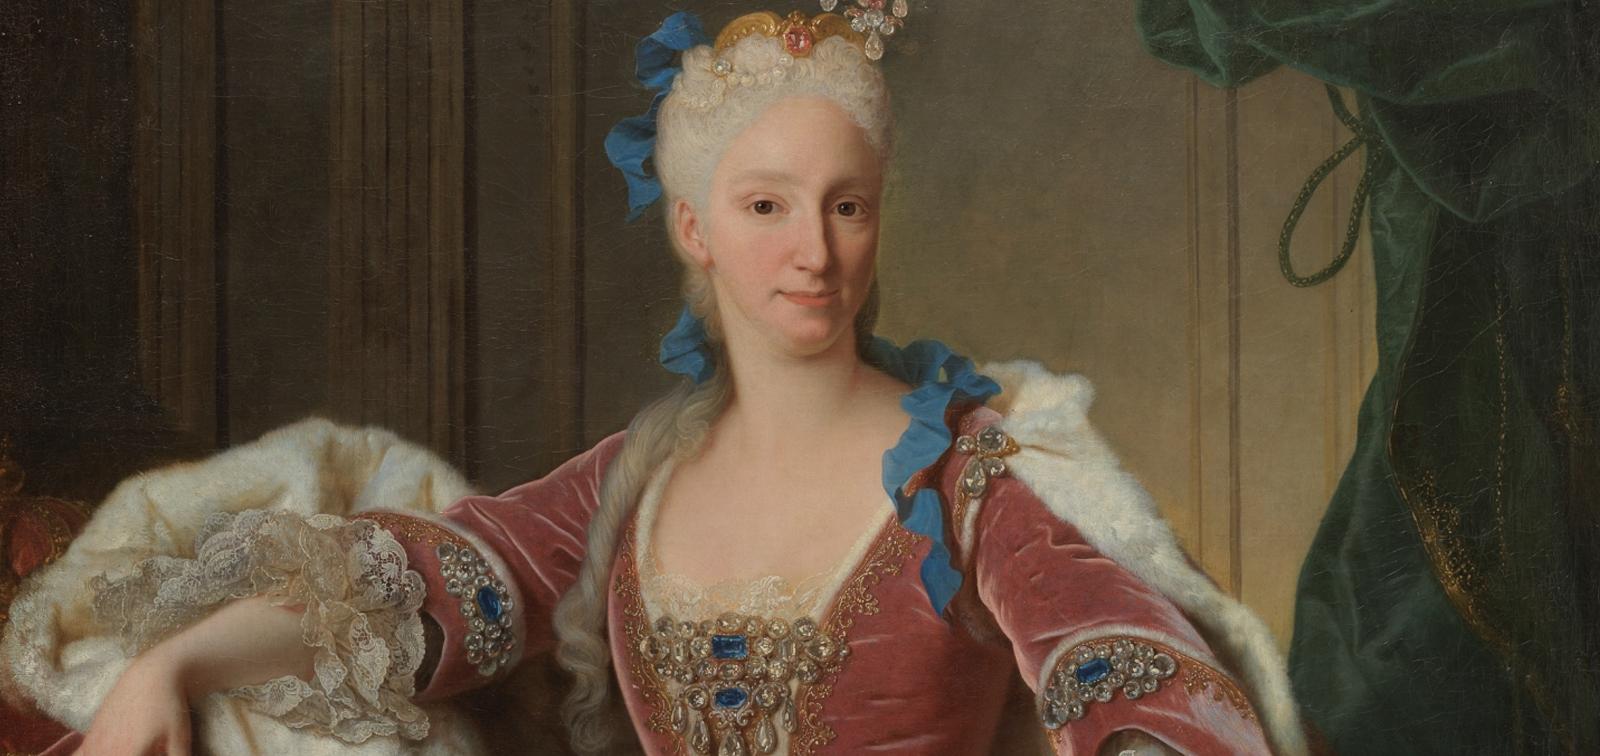 Desdibujadas. Parada II. Mujeres en la historia